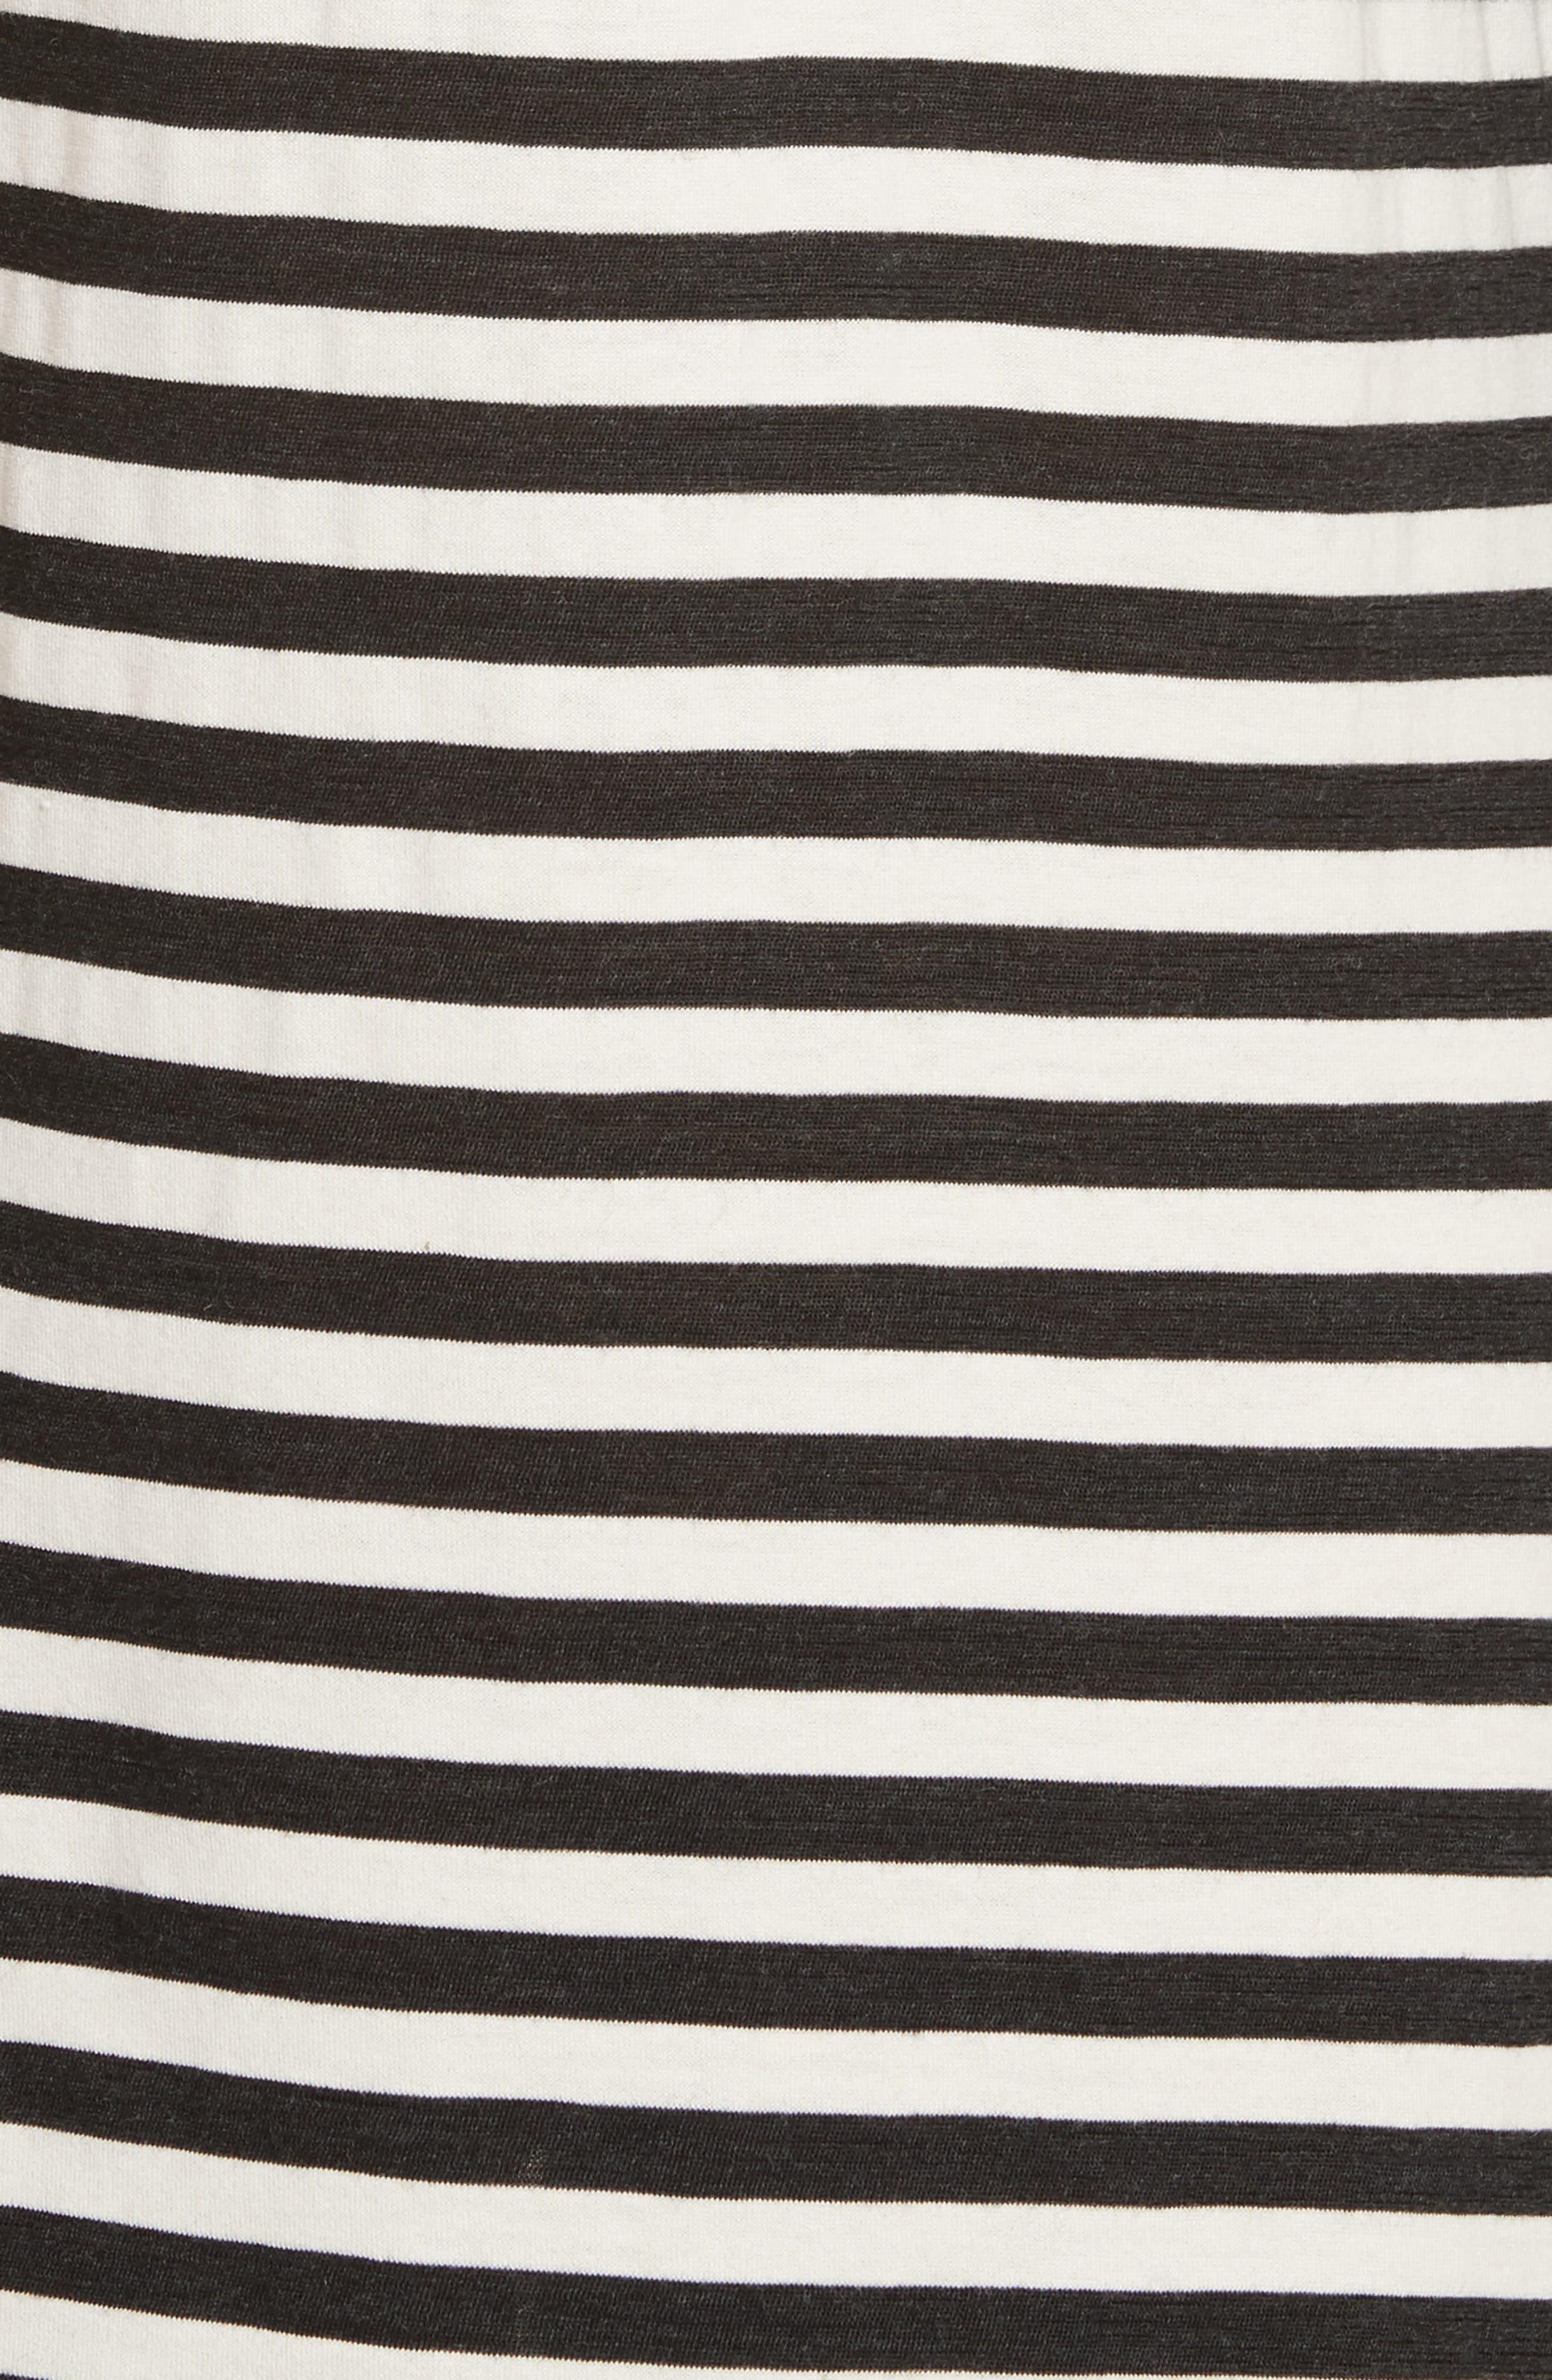 Stripe Jersey Cold Shoulder Dress,                             Alternate thumbnail 5, color,                             001